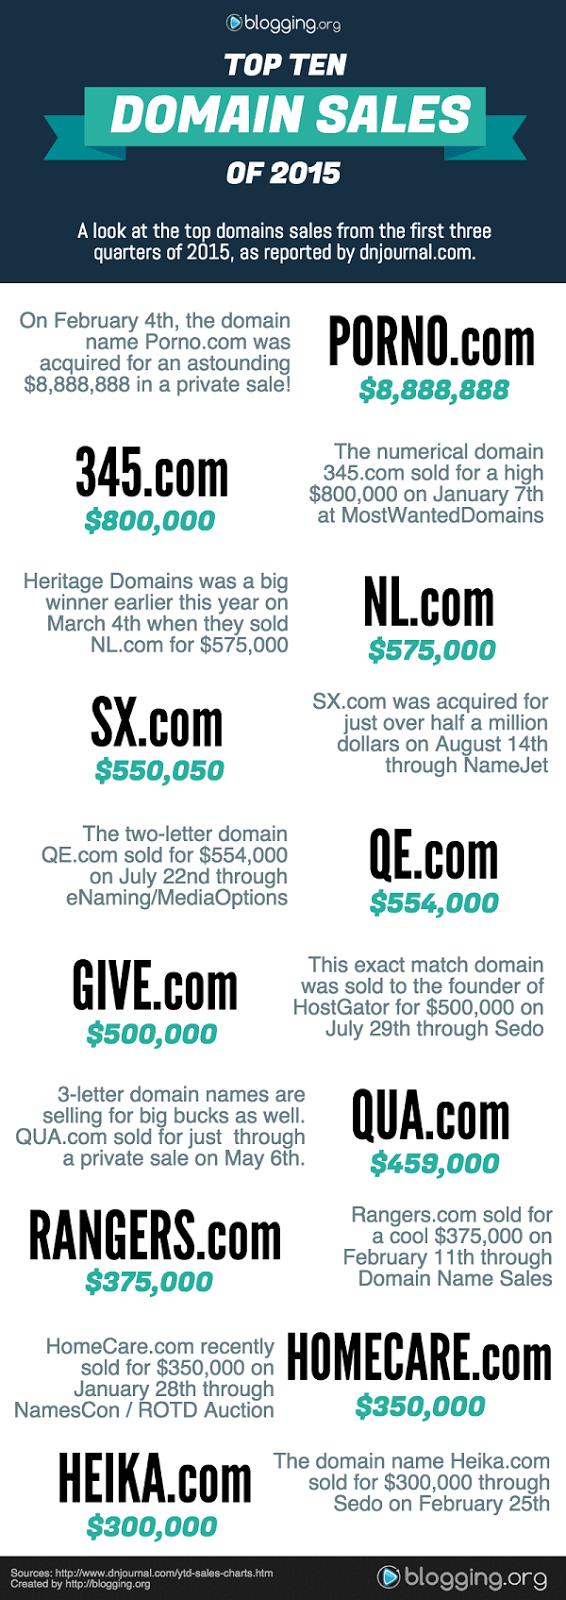 Harga Domain Termahal 2015 versi Blogging.org